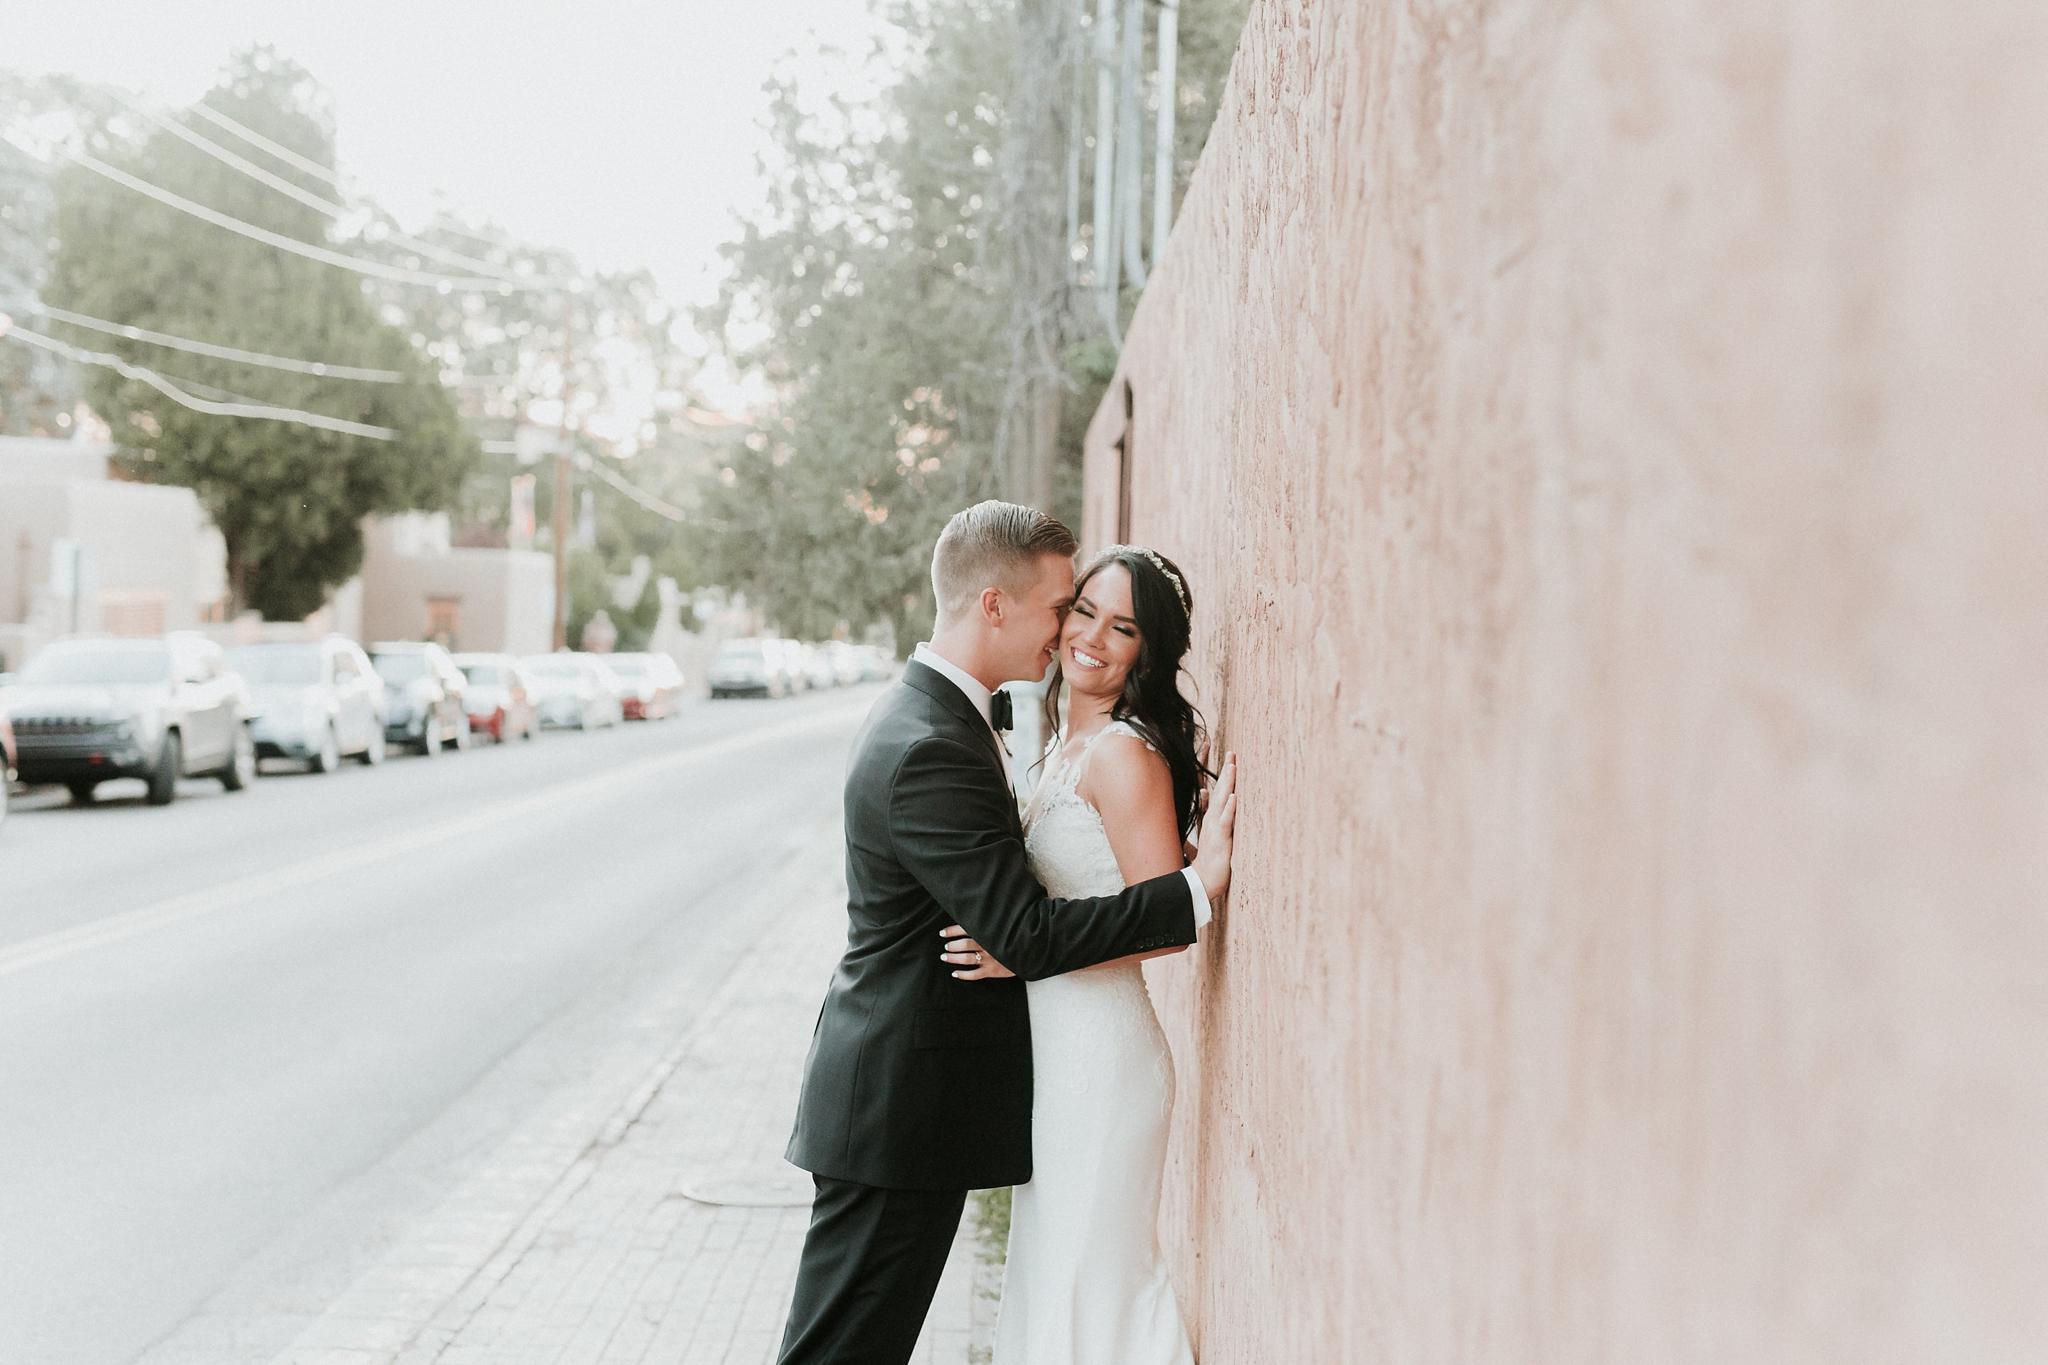 Alicia+lucia+photography+-+albuquerque+wedding+photographer+-+santa+fe+wedding+photography+-+new+mexico+wedding+photographer+-+new+mexico+wedding+-+wedding+makeup+-+makeup+artist+-+wedding+makeup+artist+-+bridal+makeup_0047.jpg